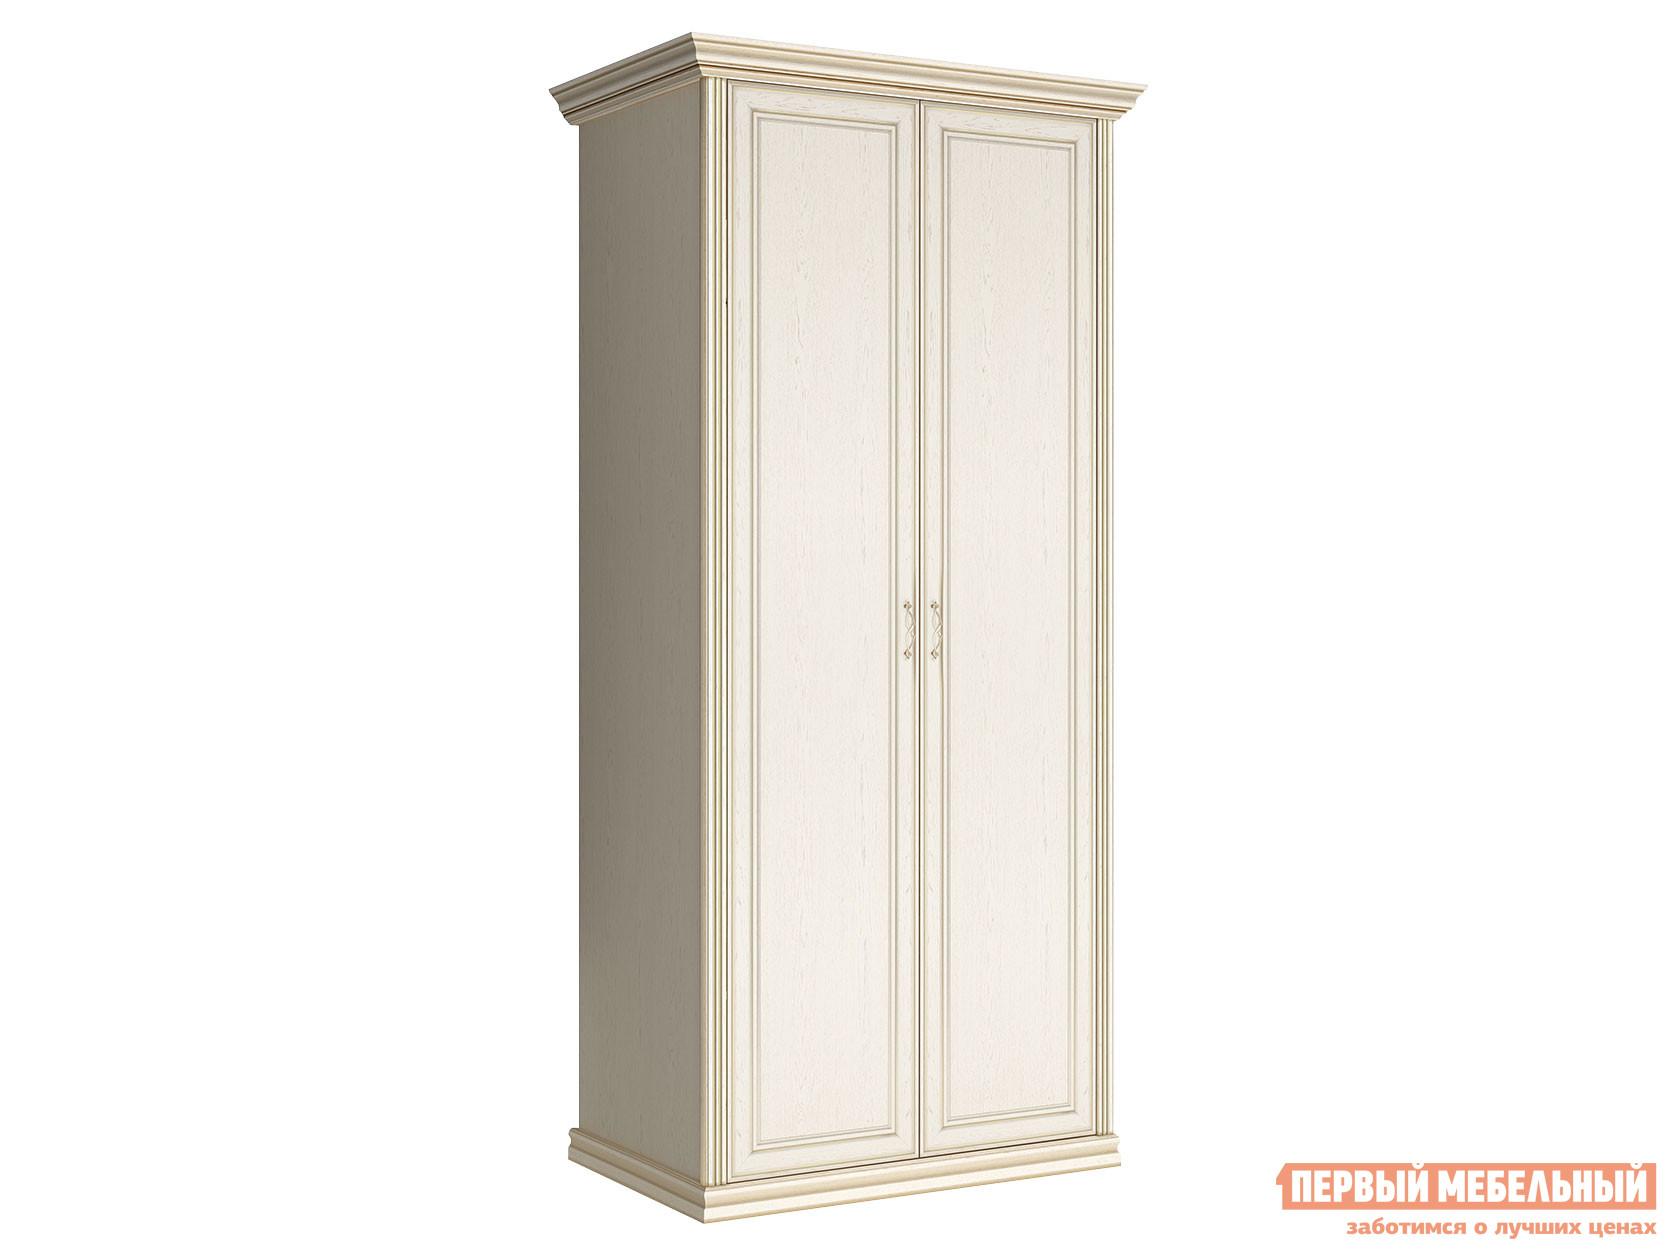 Распашной шкаф  2-х дверный Венето Дуб молочный, Без дополнительных полок КУРАЖ 75665